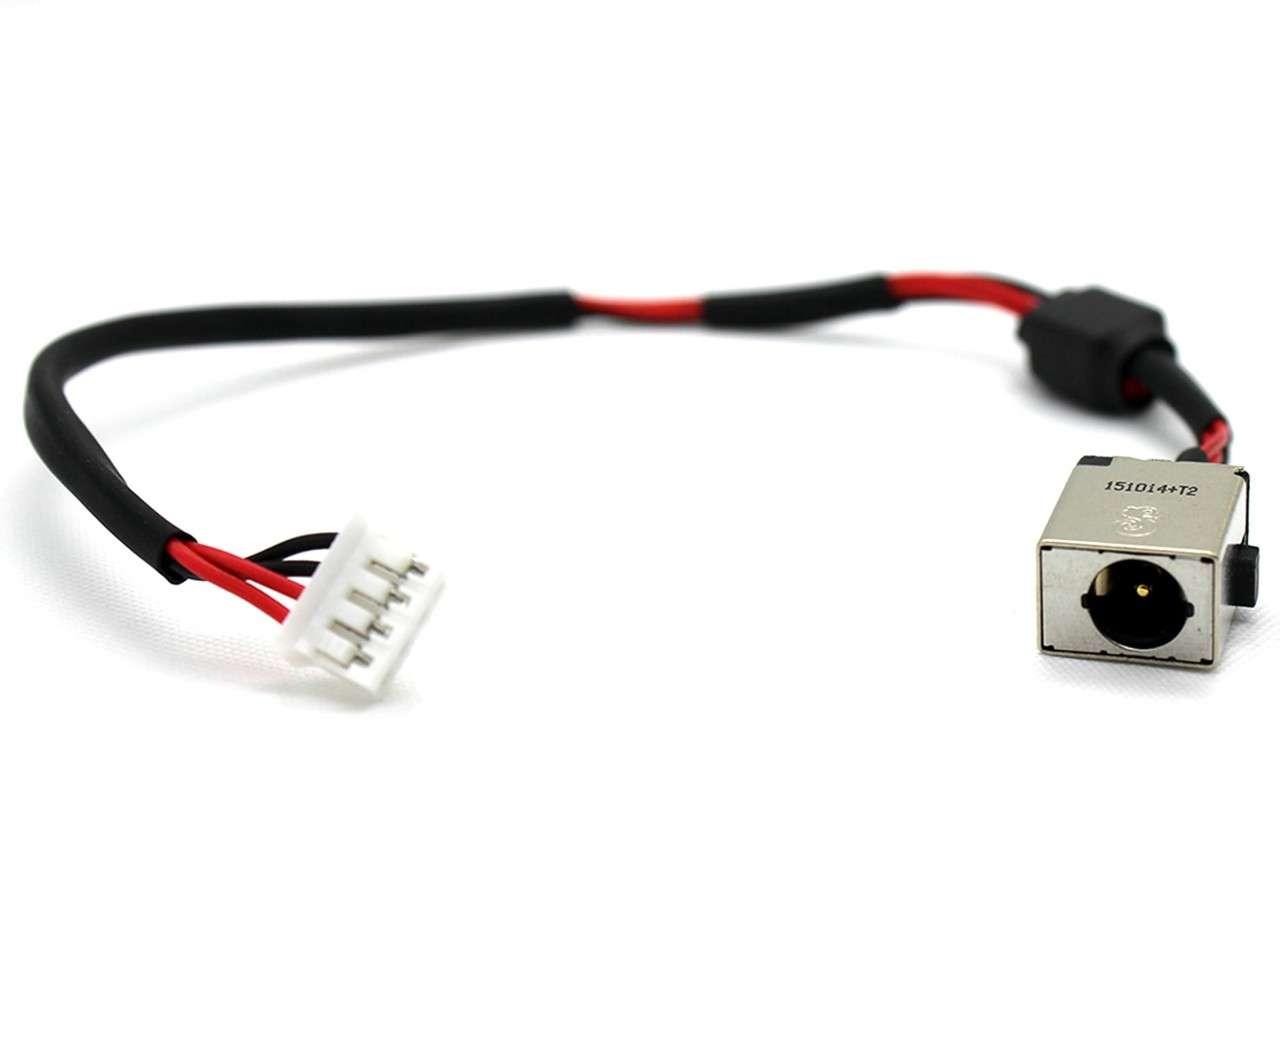 Mufa alimentare laptop Acer Aspire E5-531 cu fir imagine powerlaptop.ro 2021